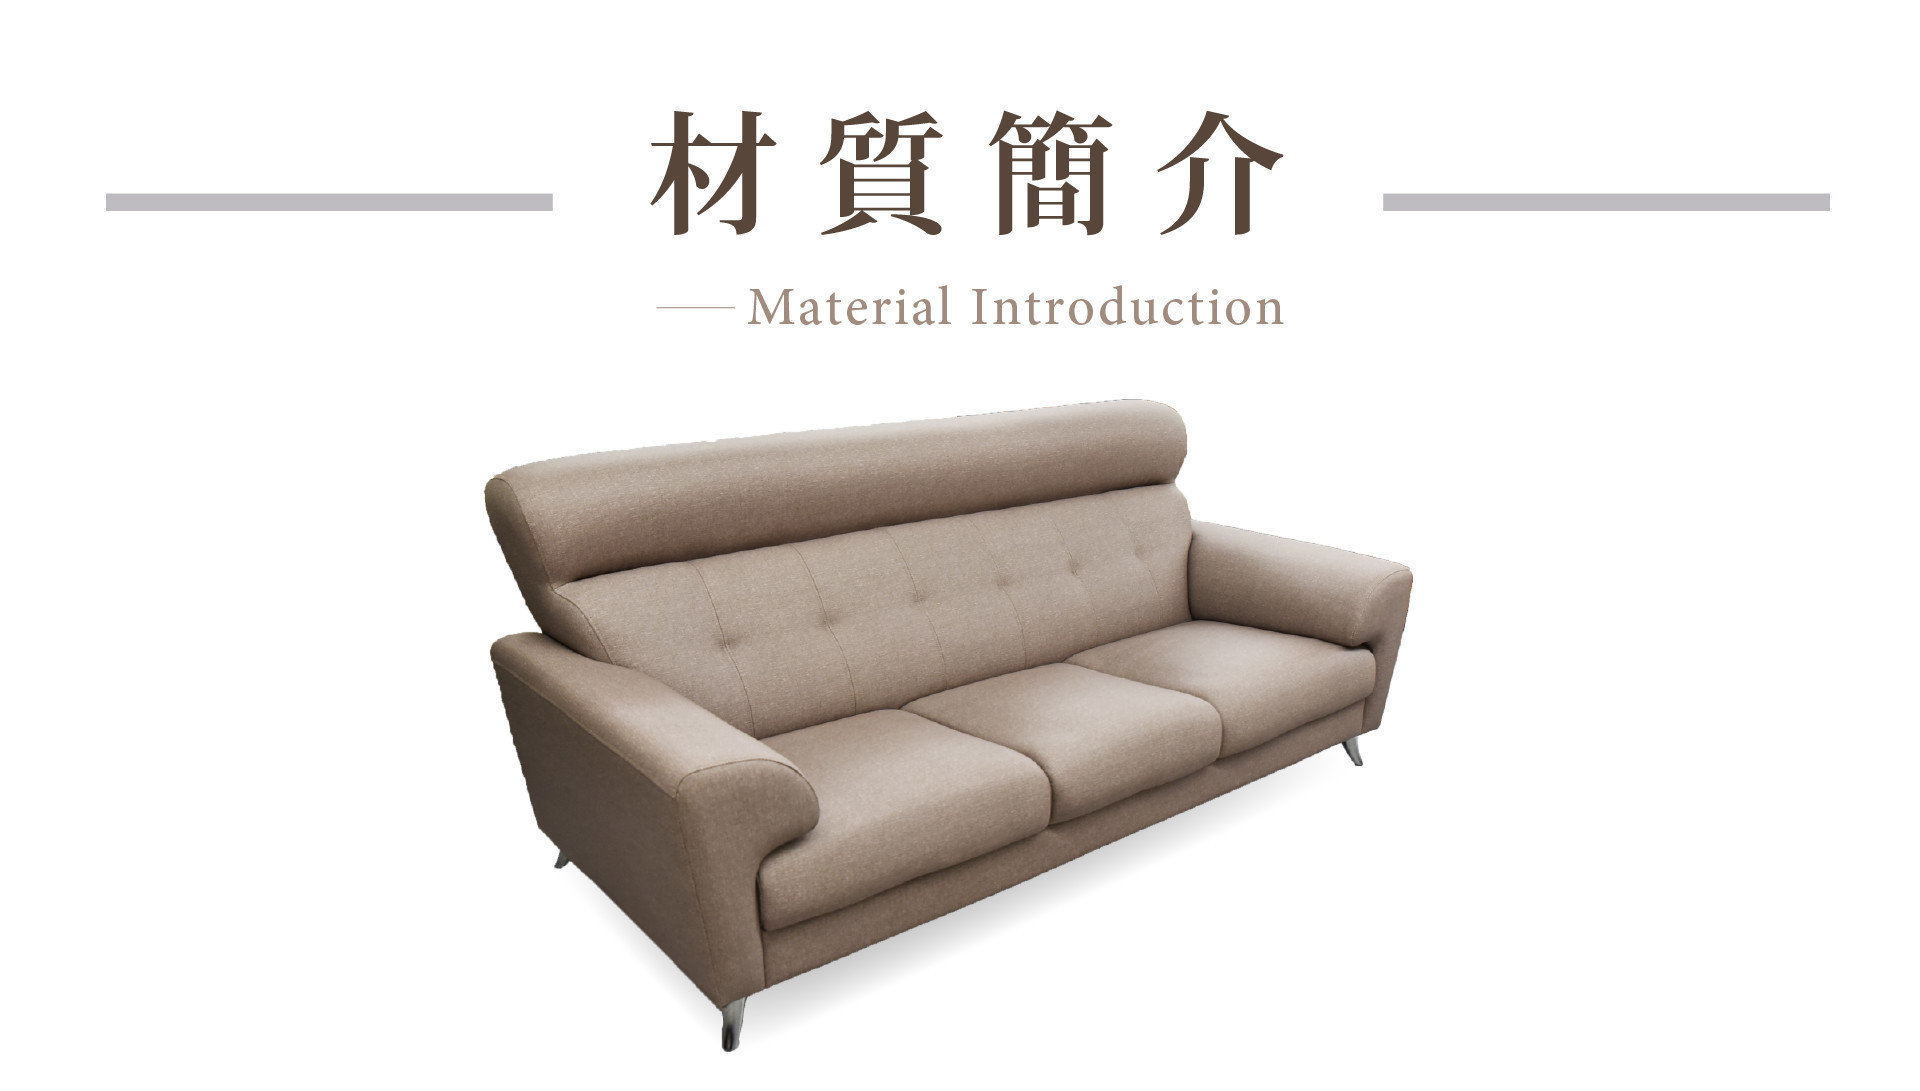 米樂沙發材質簡介